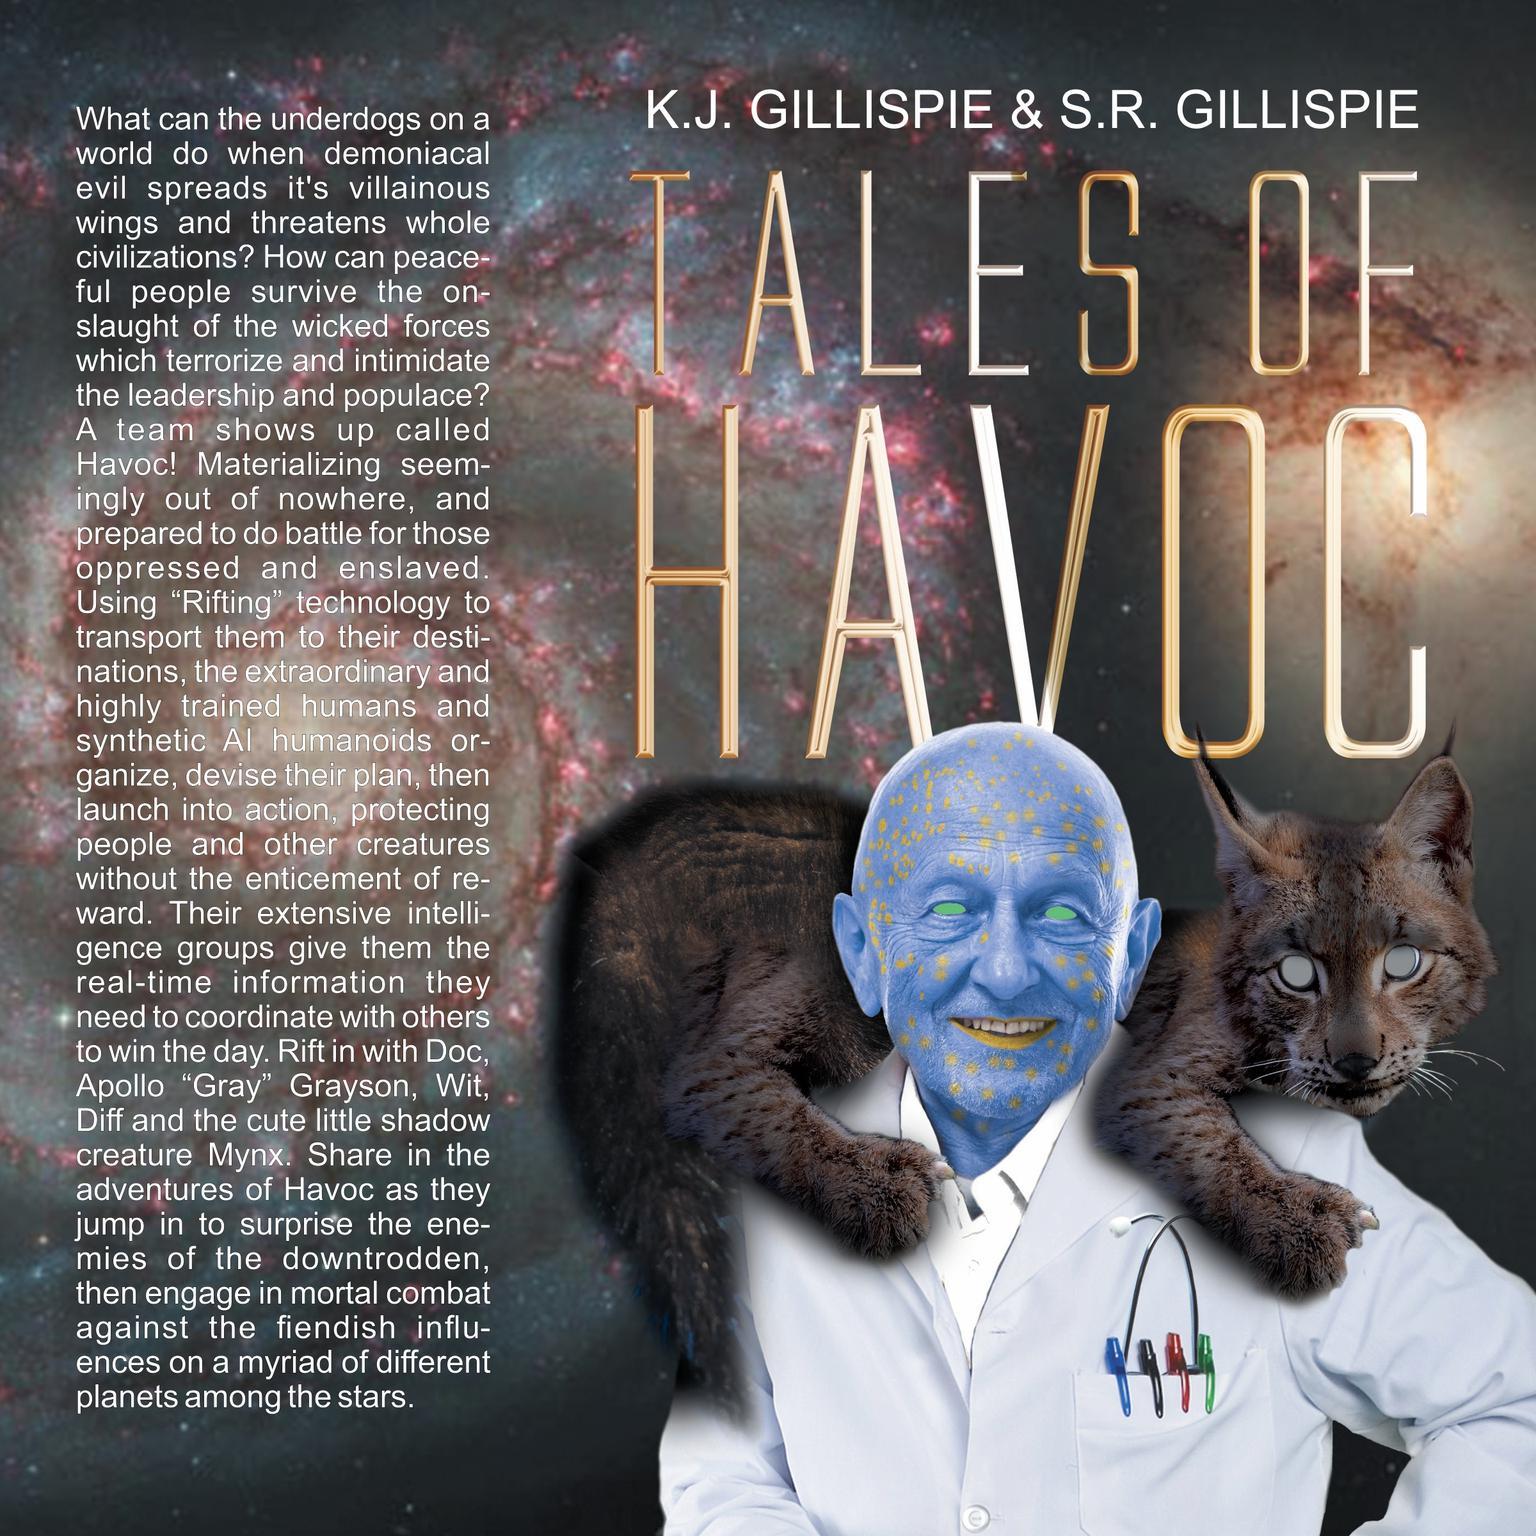 Tales of Havoc: Volume 1 Audiobook, by K. J. Gillispie